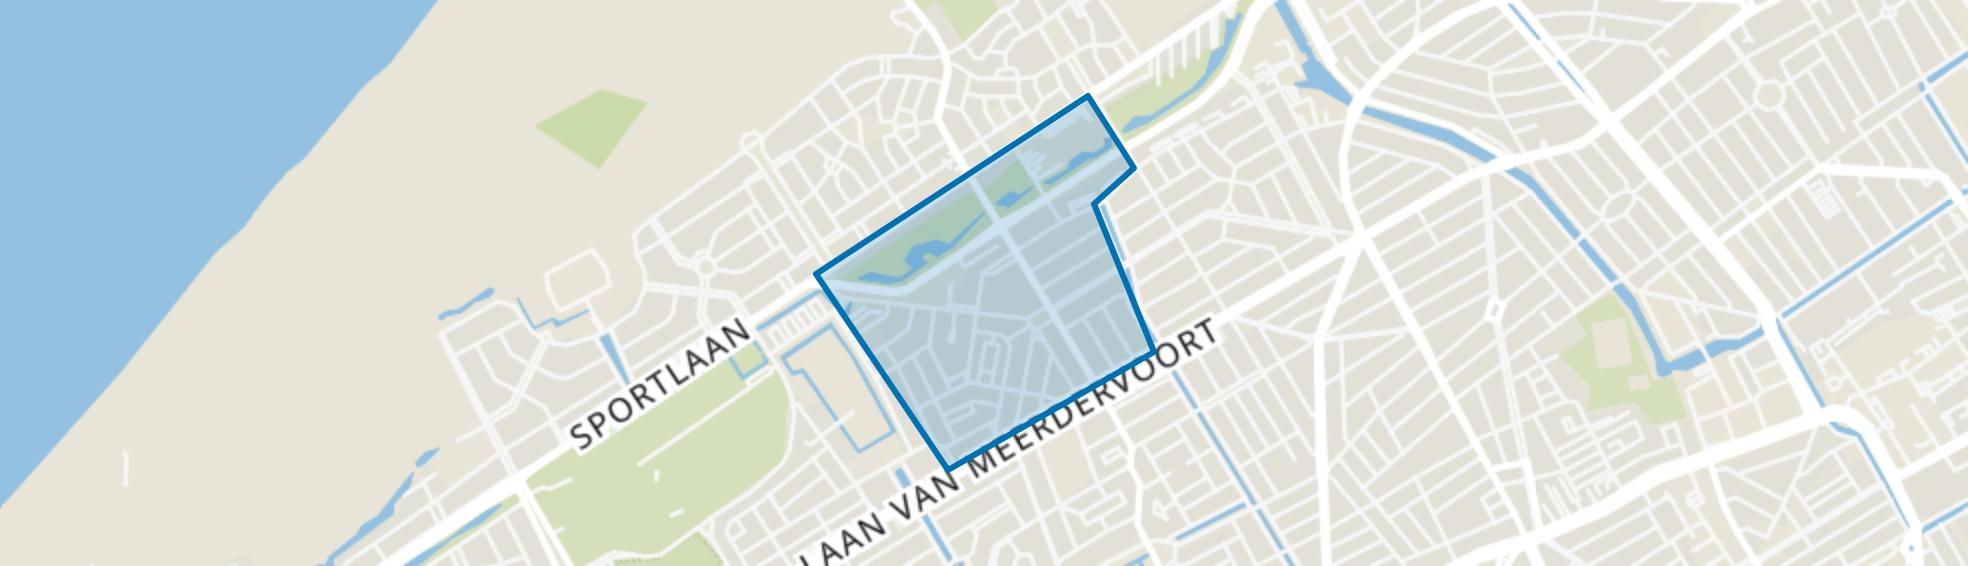 Bloemenbuurt-Oost, Den Haag map